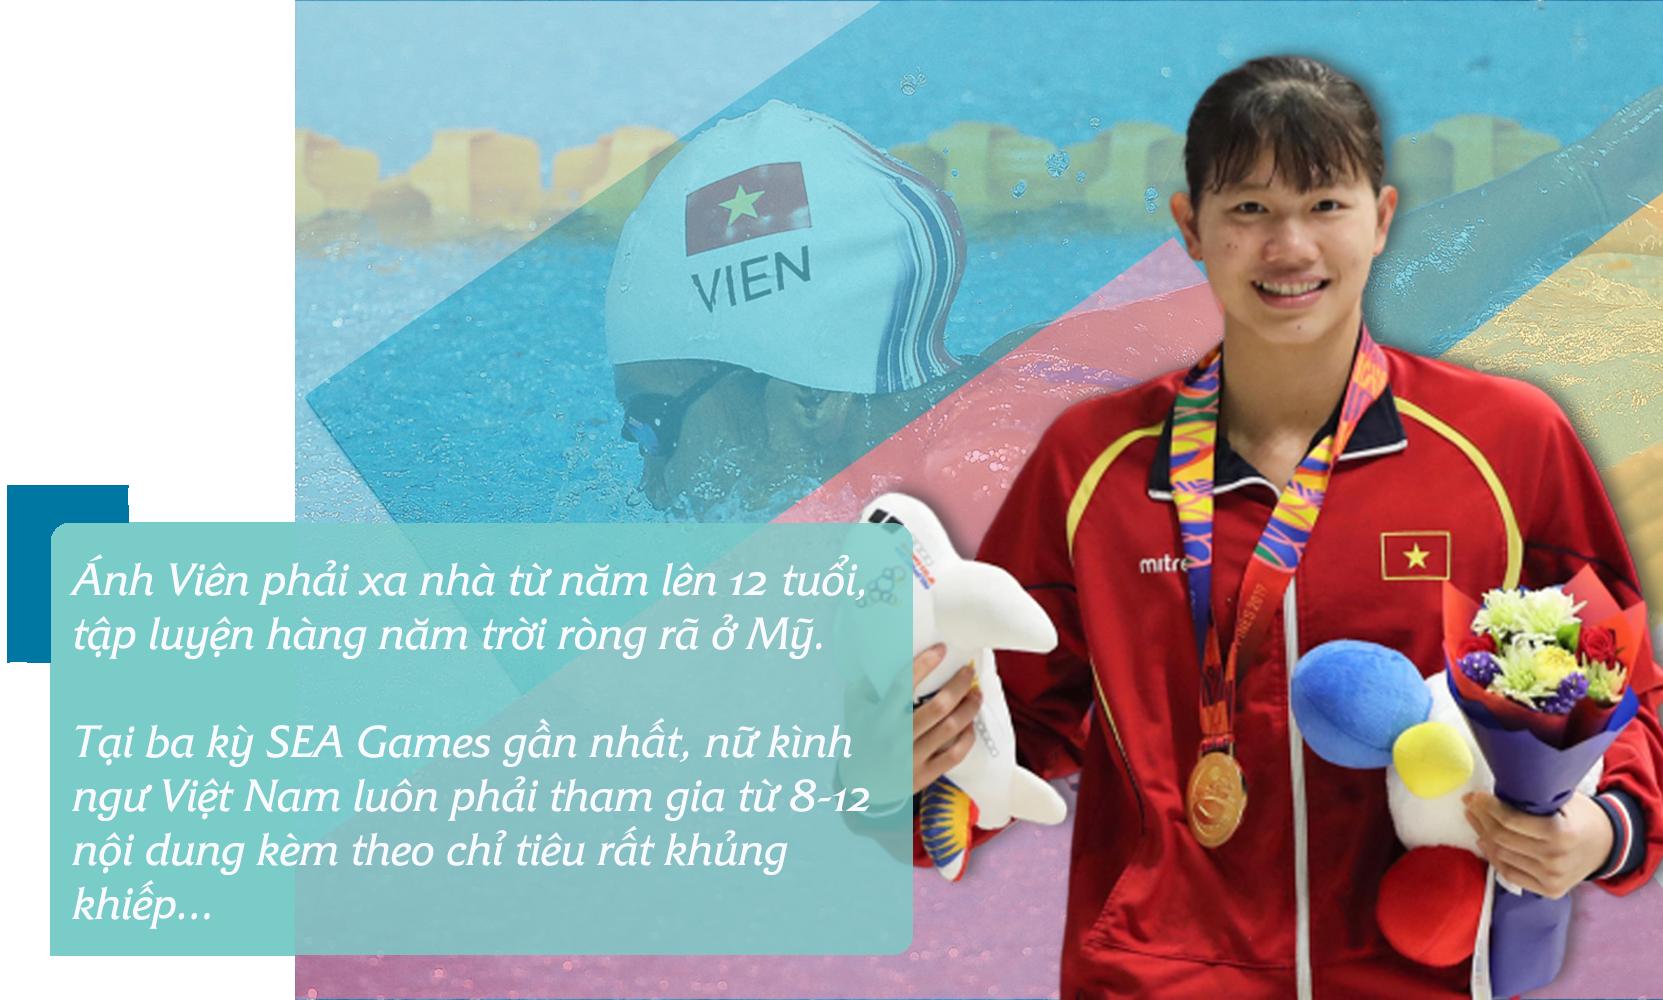 [eMagazine] Nguyễn Thị Ánh Viên: Bóng tối và ánh sáng đường đua xanh - Ảnh 7.